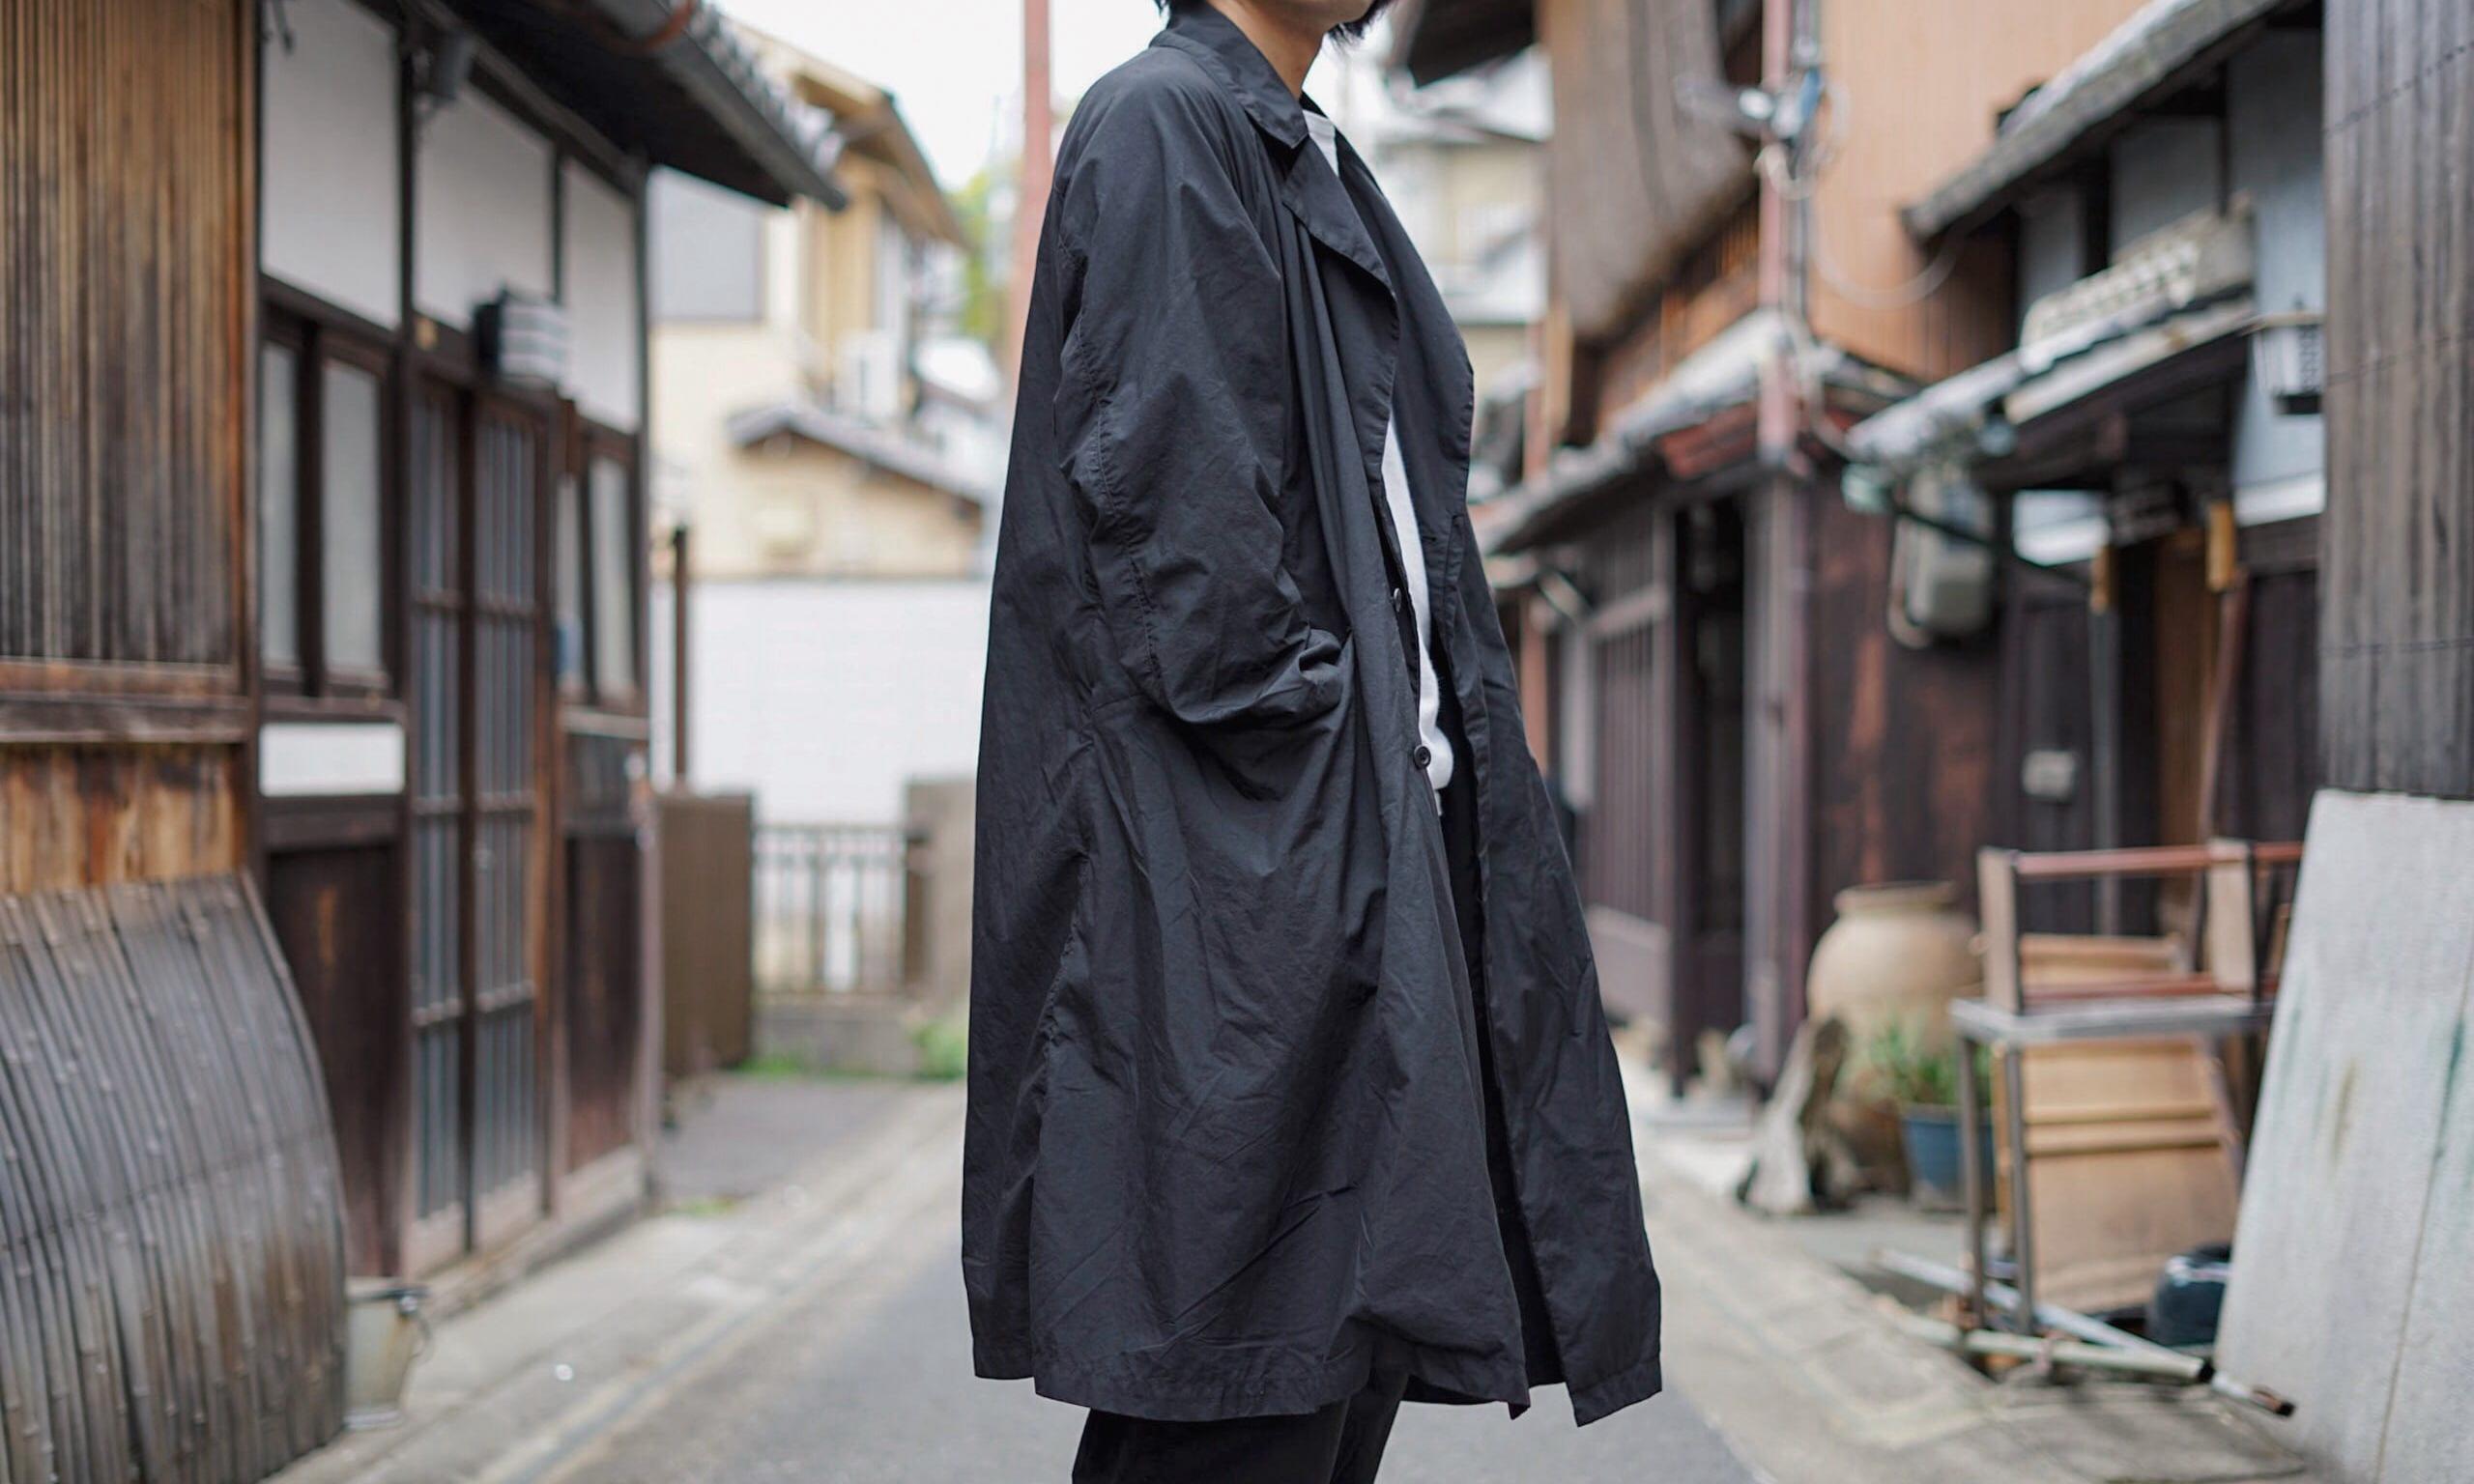 日本品牌如何打造「在哪里穿都不会出错」的服装?